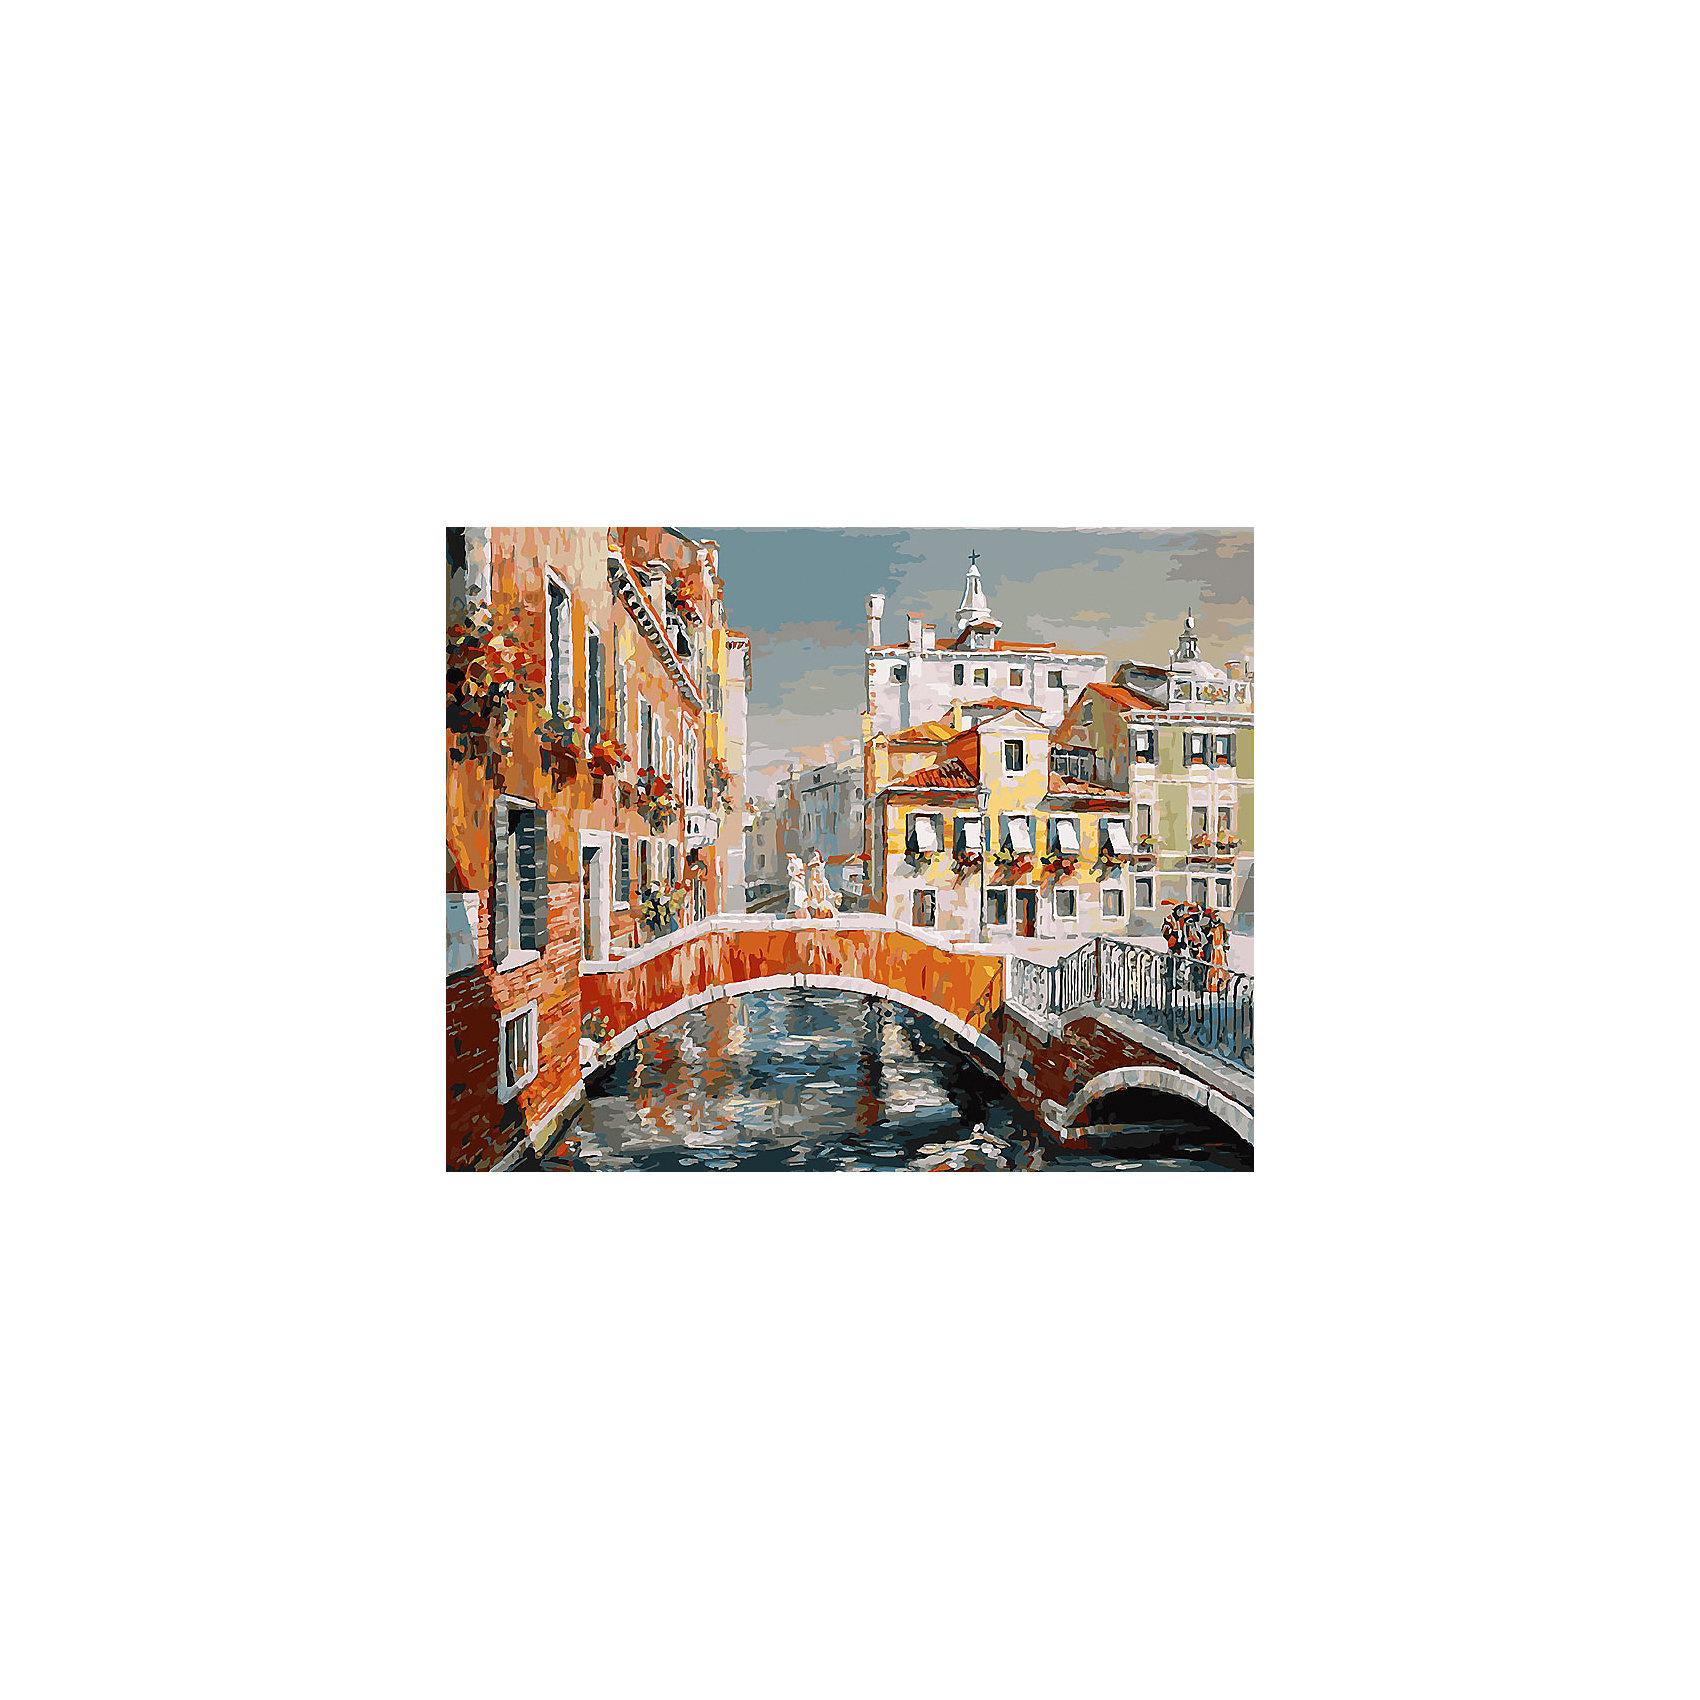 Живопись на холсте Венеция. Кампьелло Кверини Стампалья, 40*50 смРисование<br>Живопись на холсте Венеция. Кампьелло Кверини Стампалья, 40*50 см<br><br>Характеристики:<br><br>• Вес: 850<br>• Размер: 40х50<br>• Краски: акриловые, быстросохнущие<br>• Количество цветов: 40<br>• В наборе: холст на подрамнике, настенное крепление, контрольный лист с рисунком, 40 красок, 3 кисти<br><br>Данный набор позволит любому человеку ощутить себя профессиональным художником. В комплект входит холст с нанесенным на него рисунком по номерам, акриловые краски на водной основе, специальный контрольный лист, предотвращающий ошибки и 3 удобные кисти разных размеров. <br><br>Рисовать на холсте очень удобно, а благодаря номерам на картине и баночках с краской - это совсем просто. Цвета ложатся ровным слоем, перекрывая нанесенный рисунок. Если вы боитесь, что где-то ошиблись – приложите контрольный лист, который полностью повторяет схему. Акриловые краски совершенно безопасны и не имеют запаха. А благодаря настенному креплению вы сможете повесить готовую работу.<br><br>Живопись на холсте Венеция. Кампьелло Кверини Стампалья, 40*50 см можно купить в нашем интернет-магазине.<br><br>Ширина мм: 510<br>Глубина мм: 410<br>Высота мм: 250<br>Вес г: 850<br>Возраст от месяцев: 72<br>Возраст до месяцев: 2147483647<br>Пол: Унисекс<br>Возраст: Детский<br>SKU: 5500404